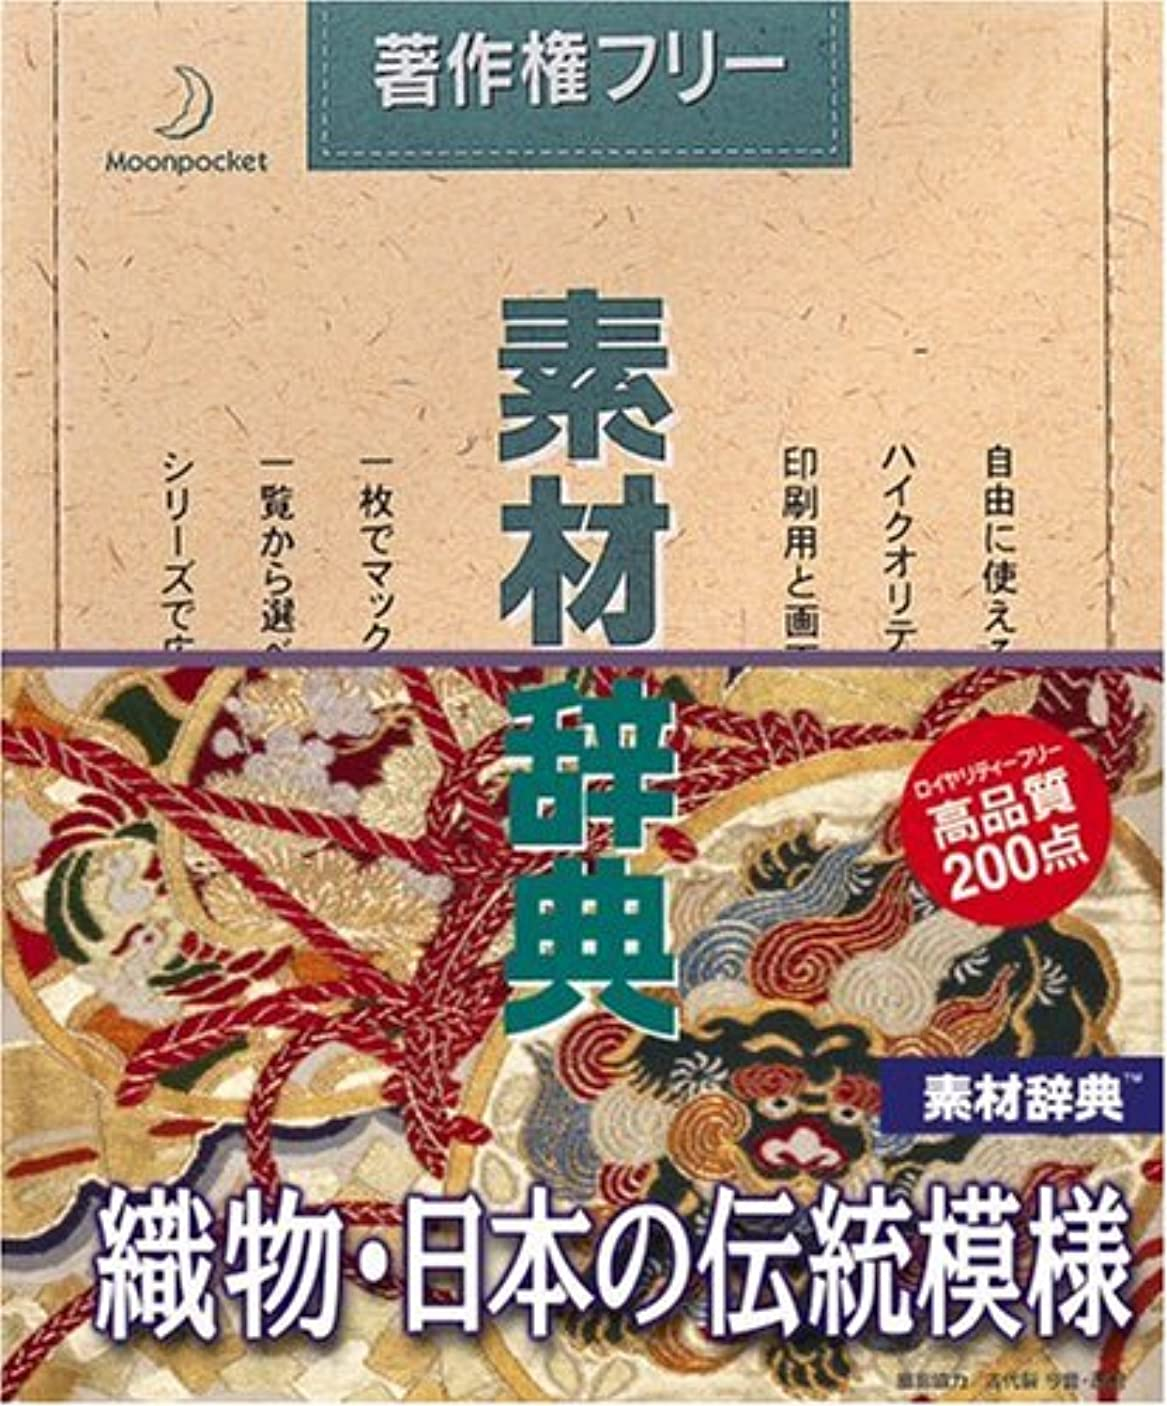 好意的鬼ごっこ安いです素材辞典 Vol.36 織物?日本の伝統模様編